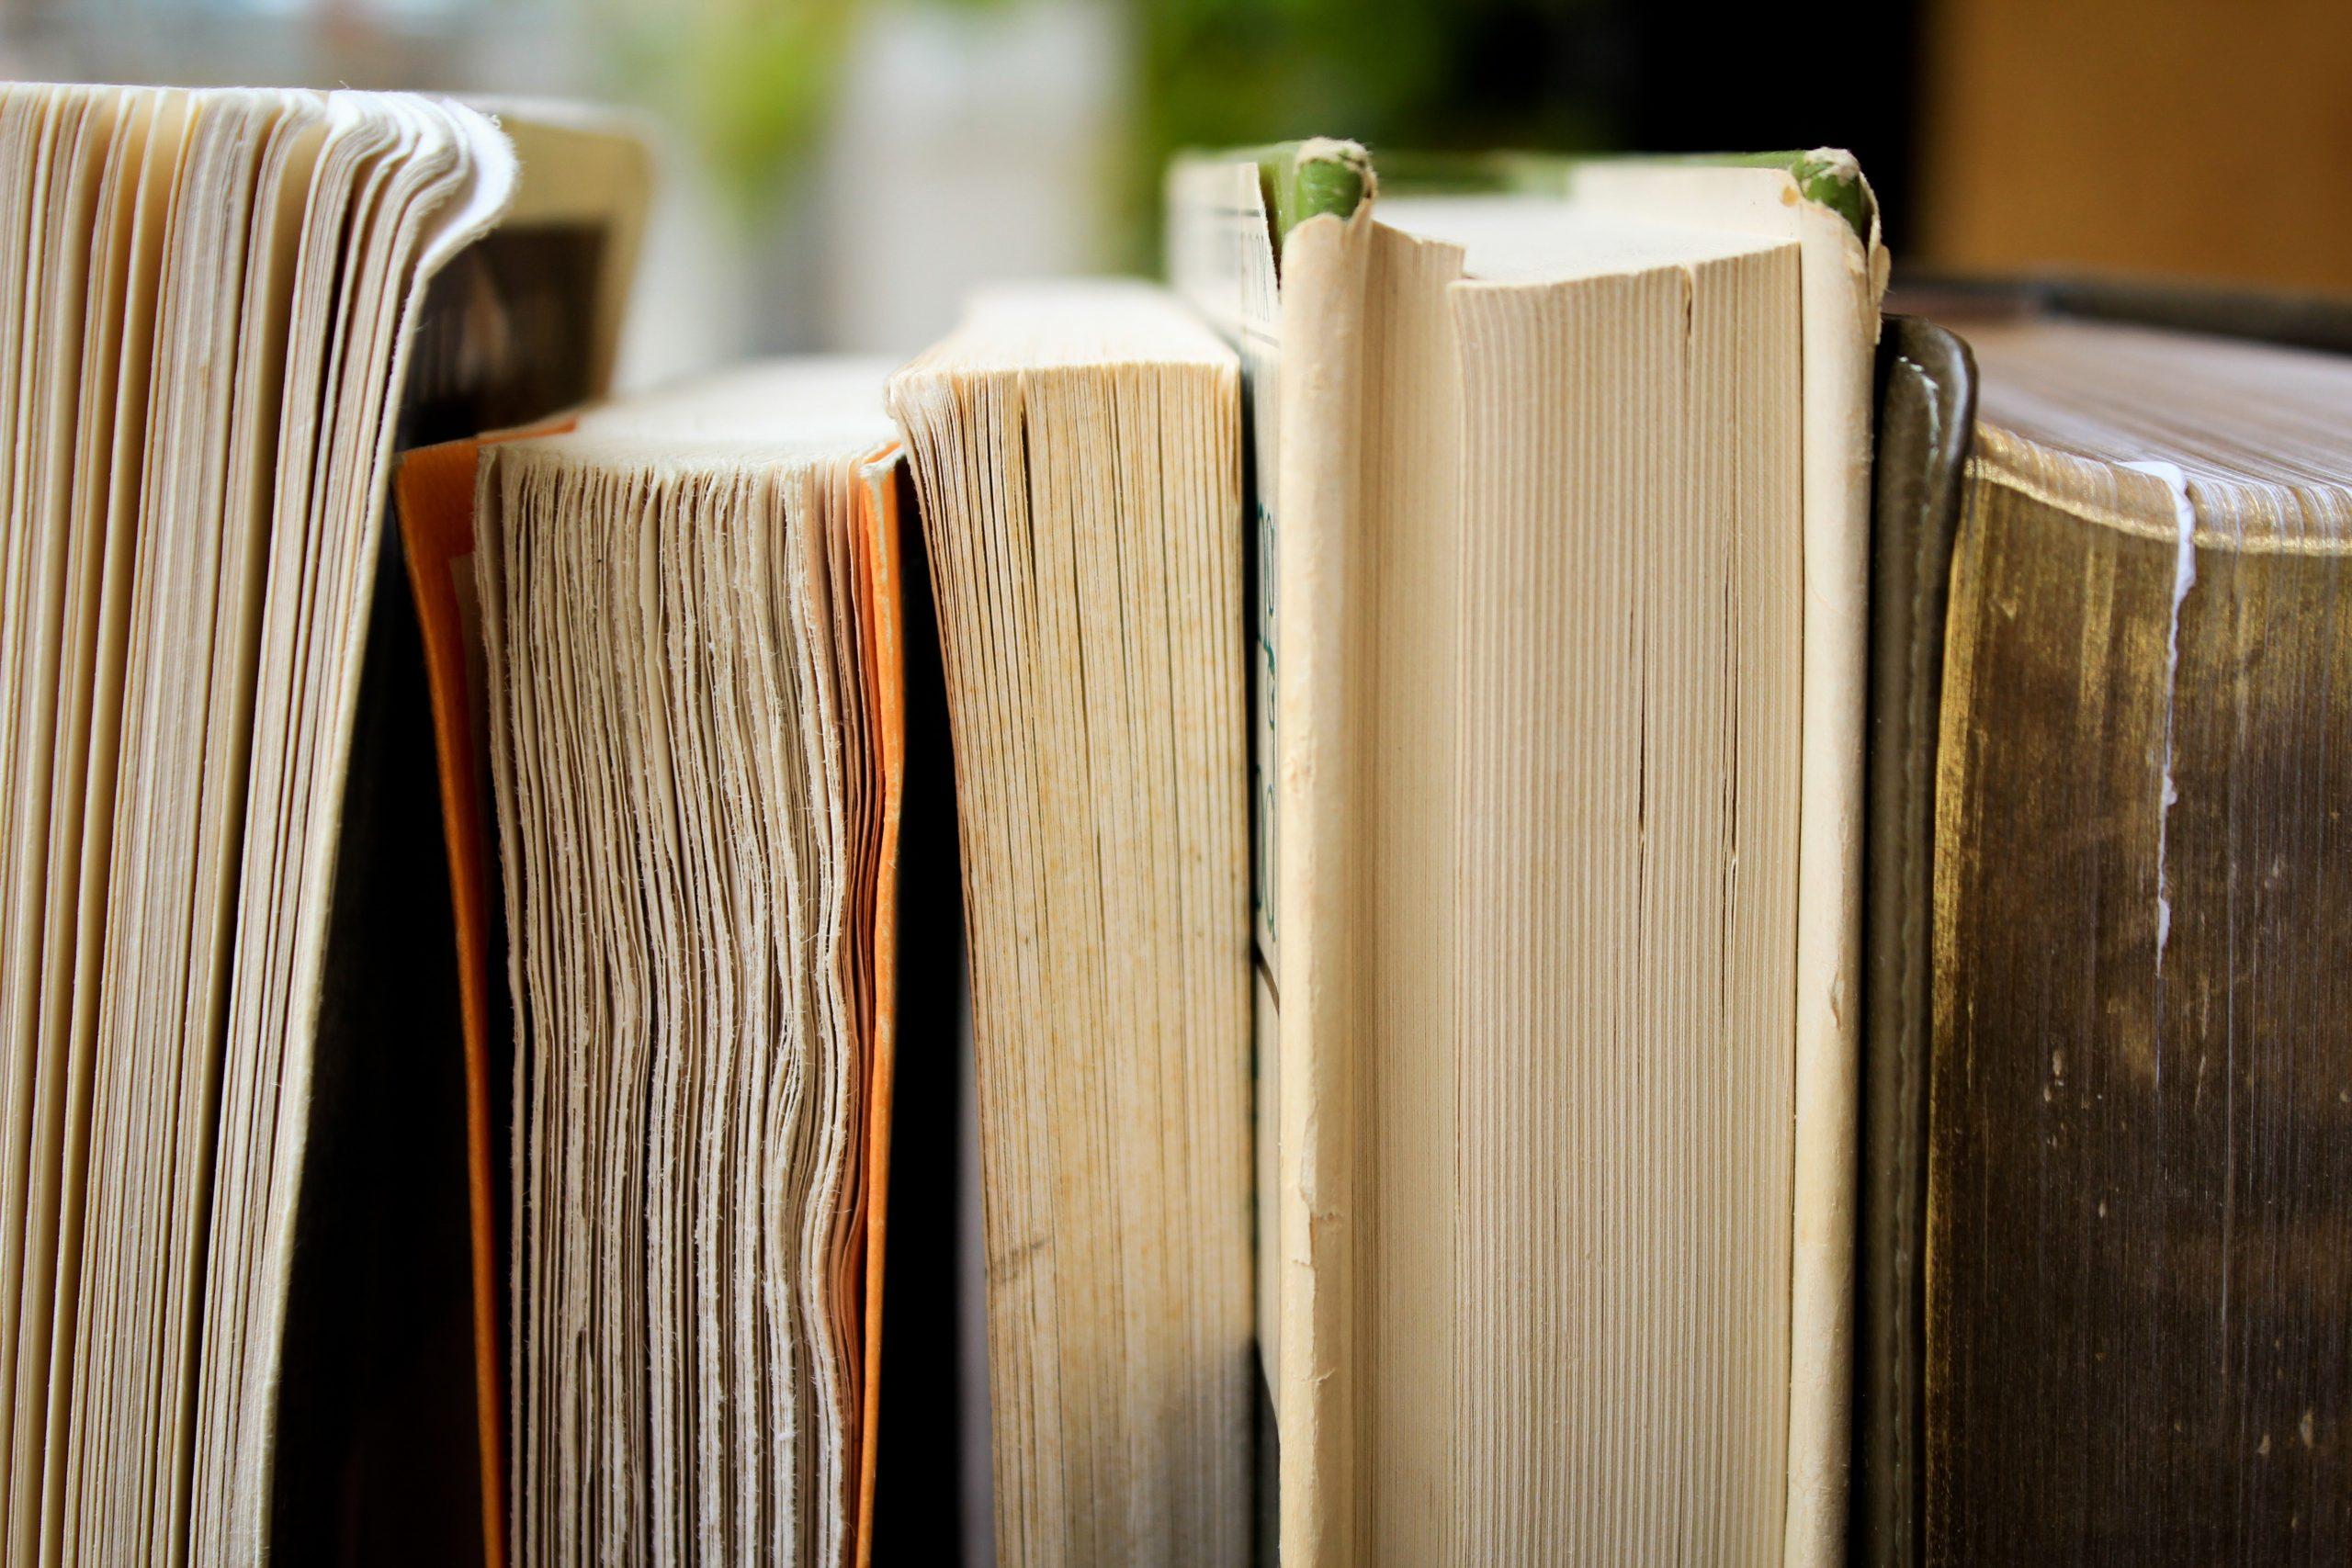 Migliori libri di fantascienza 2020: Guida all'acquisto